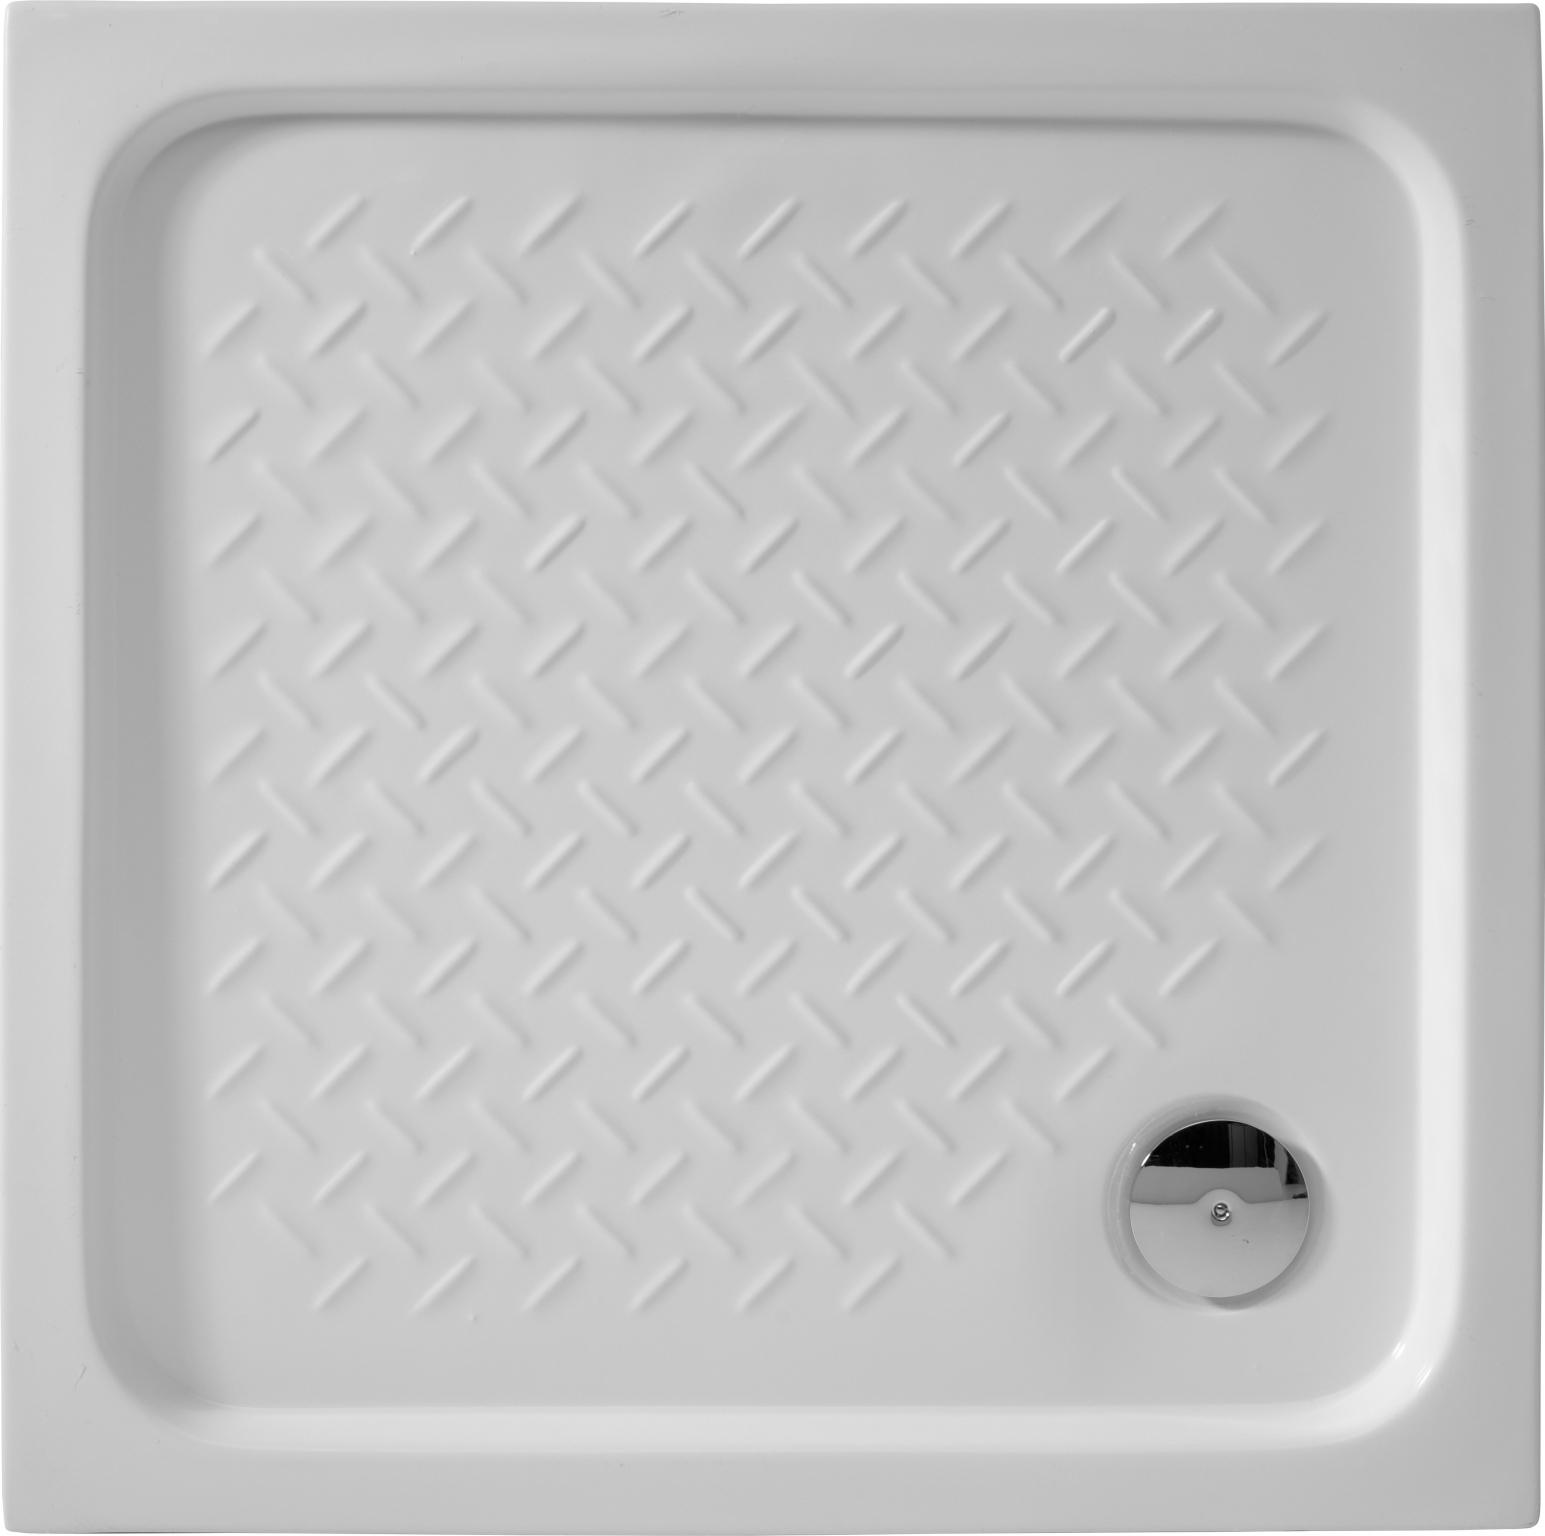 Квадратный душевой поддон De Aqua  90x90 см (APD9090-4)